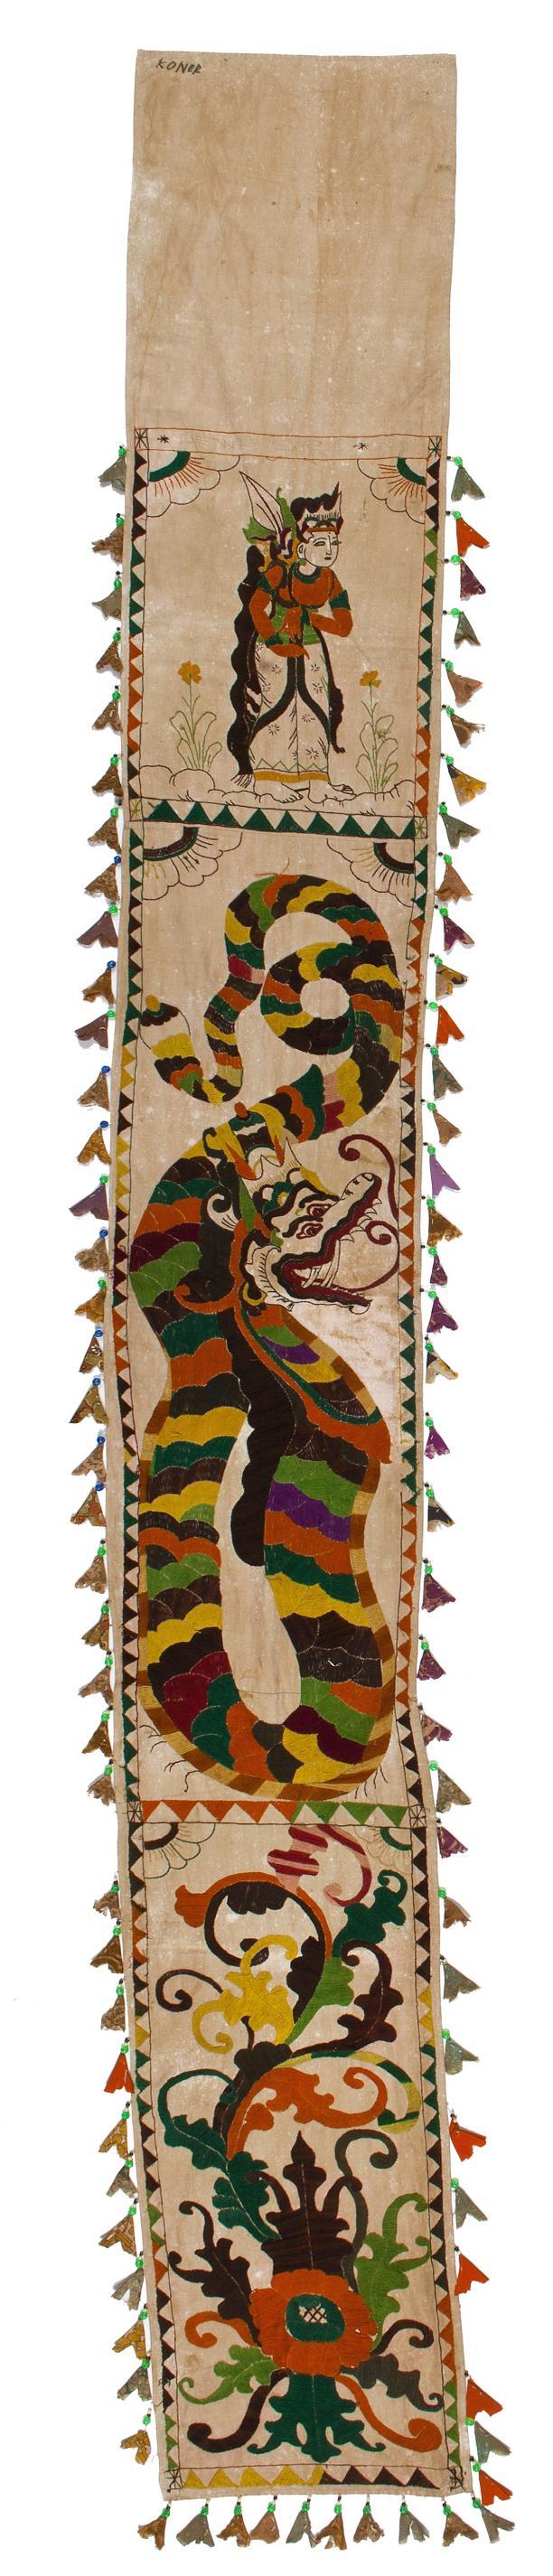 Afb. 5: Geborduurde lamak, ca. 1970. Collectie Nationaal Museum van Wereldculturen, RV-6223-1. Fotograaf: Irene de Groot